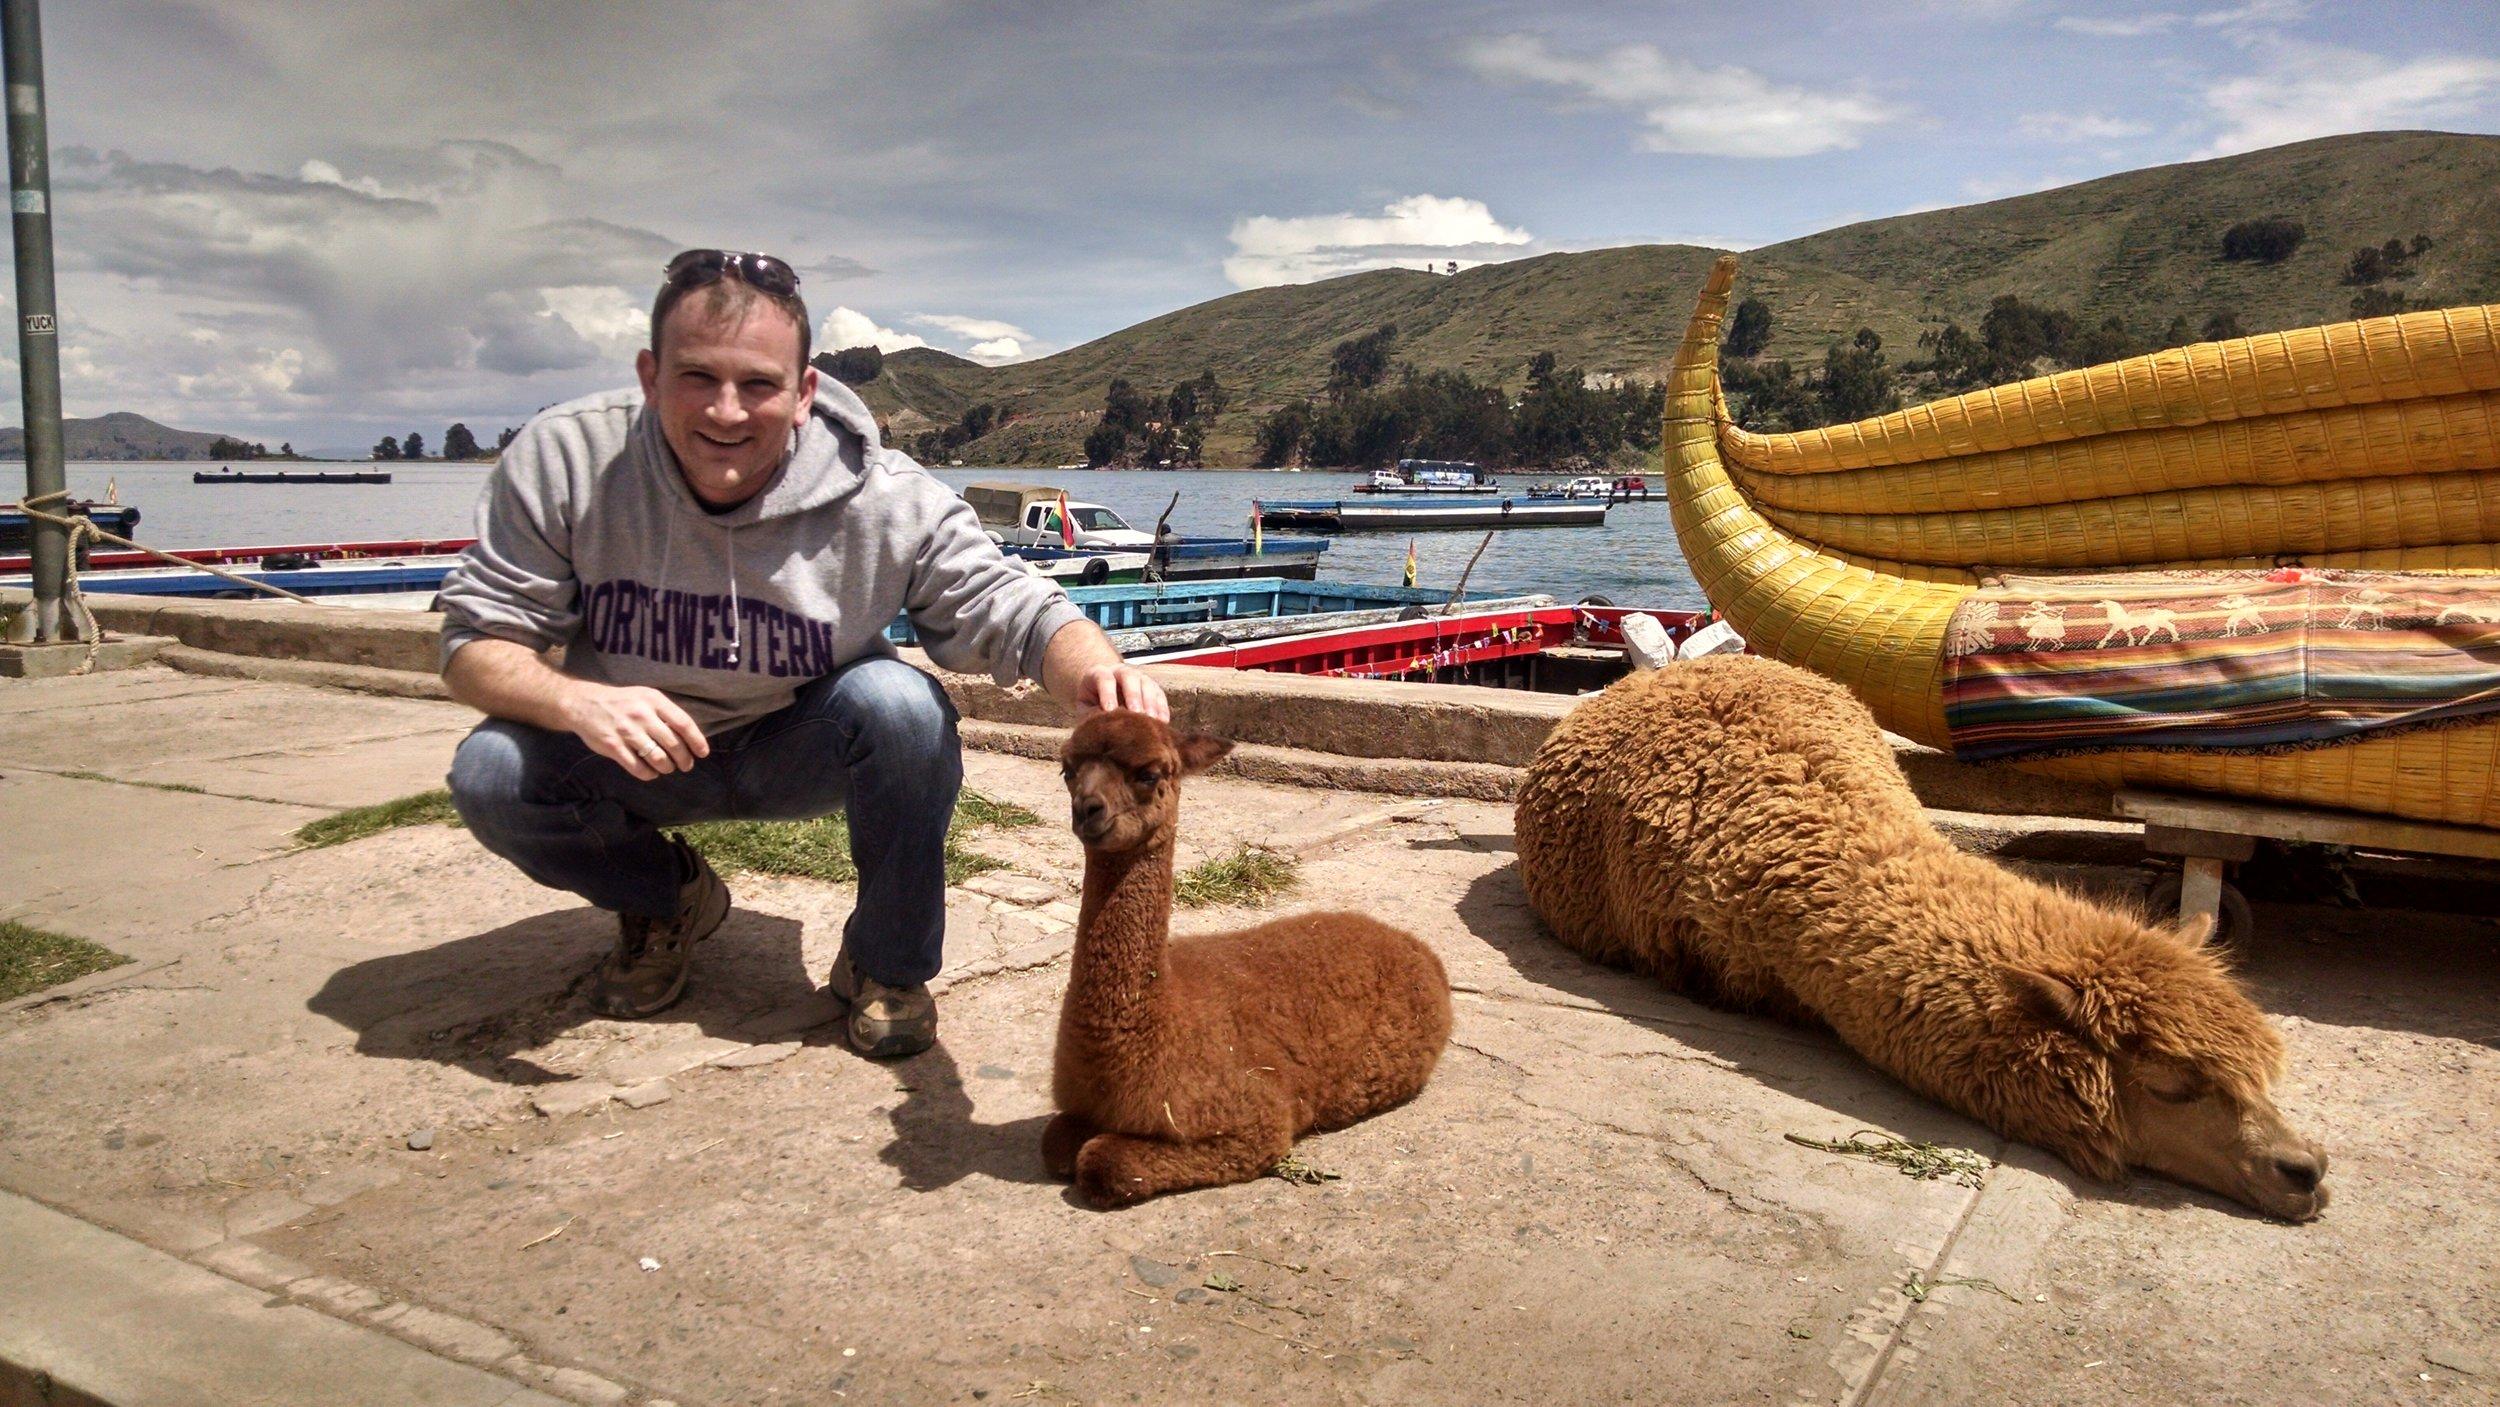 Jesse_Befreinding Baby Alpaca.jpg